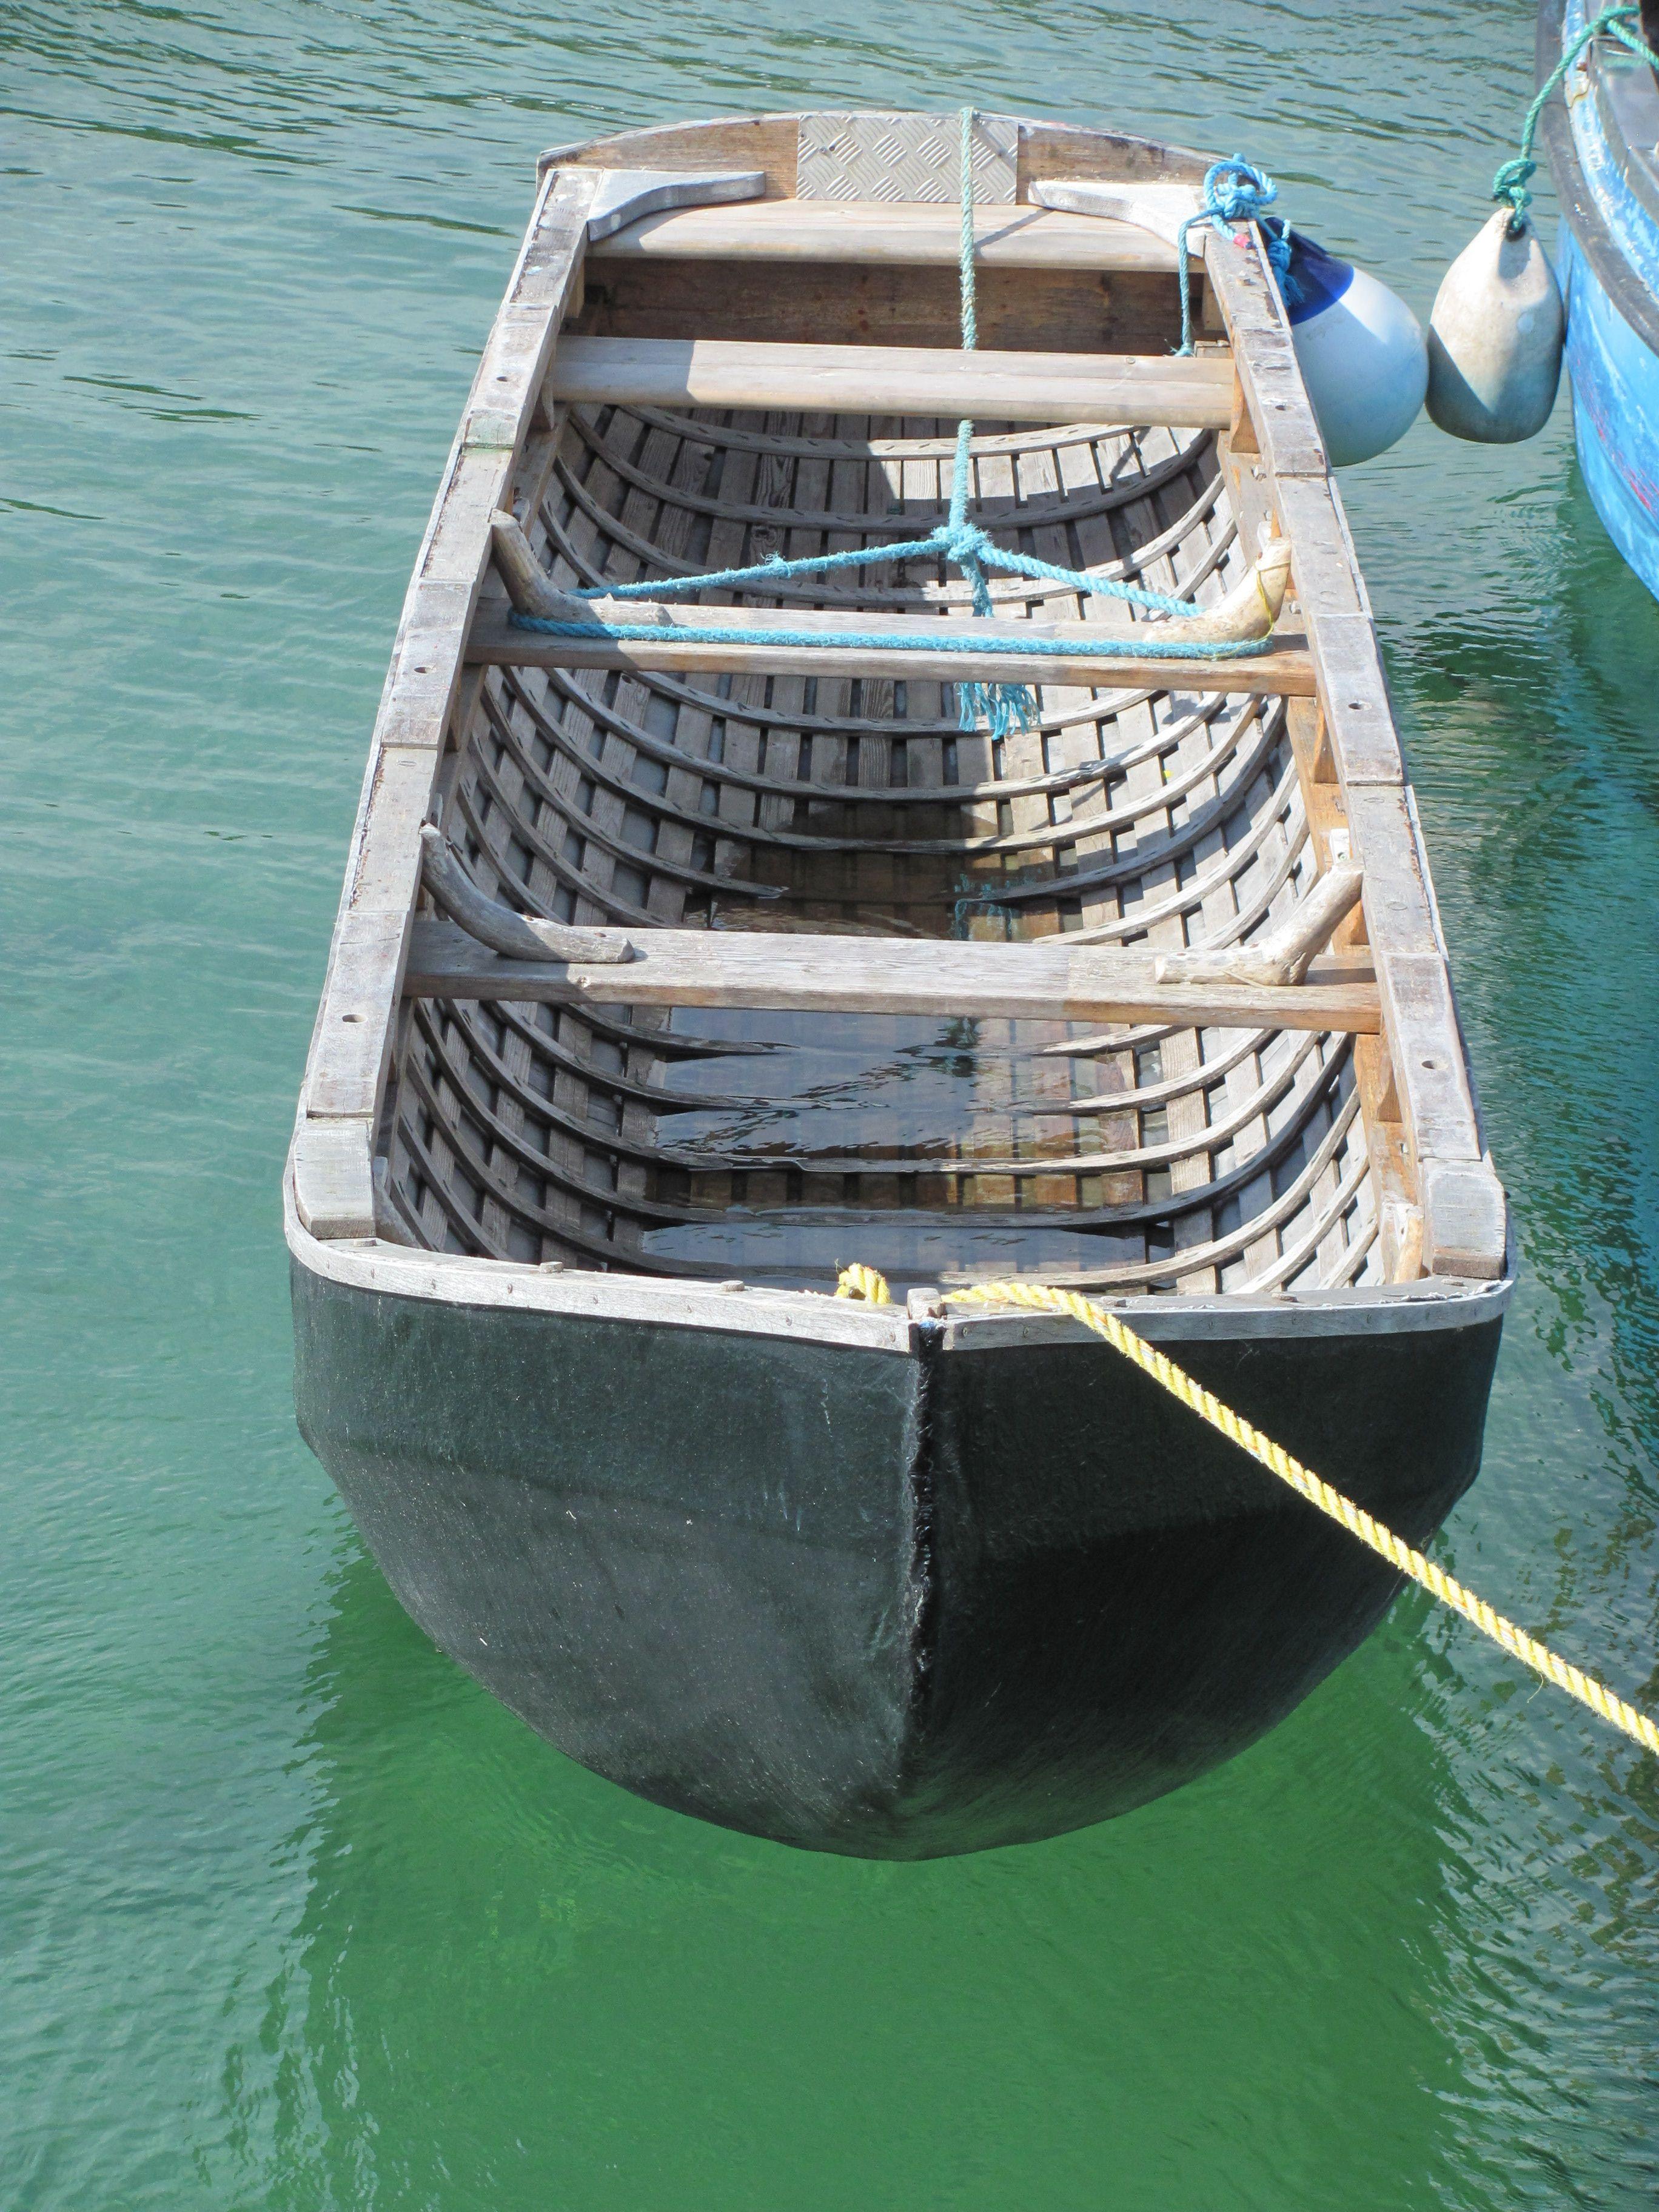 Curragh Aditional Irish Rowboat Lway L